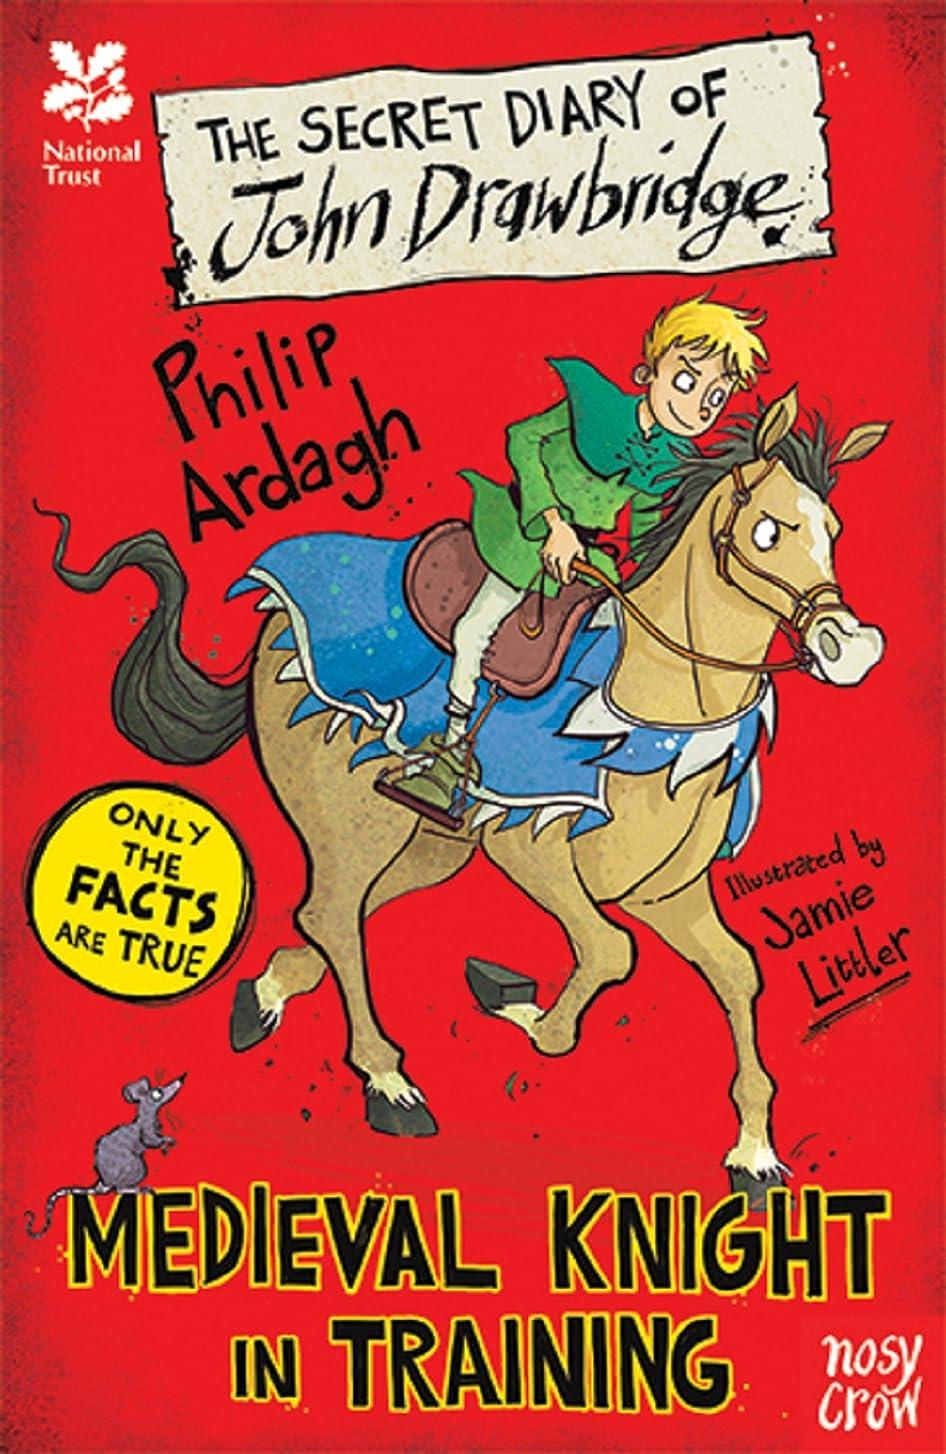 ネット心配ウミウシNational Trust: The Secret Diary of John Drawbridge, a Medieval Knight in Training (The Secret Diary Series Book 0) (English Edition)